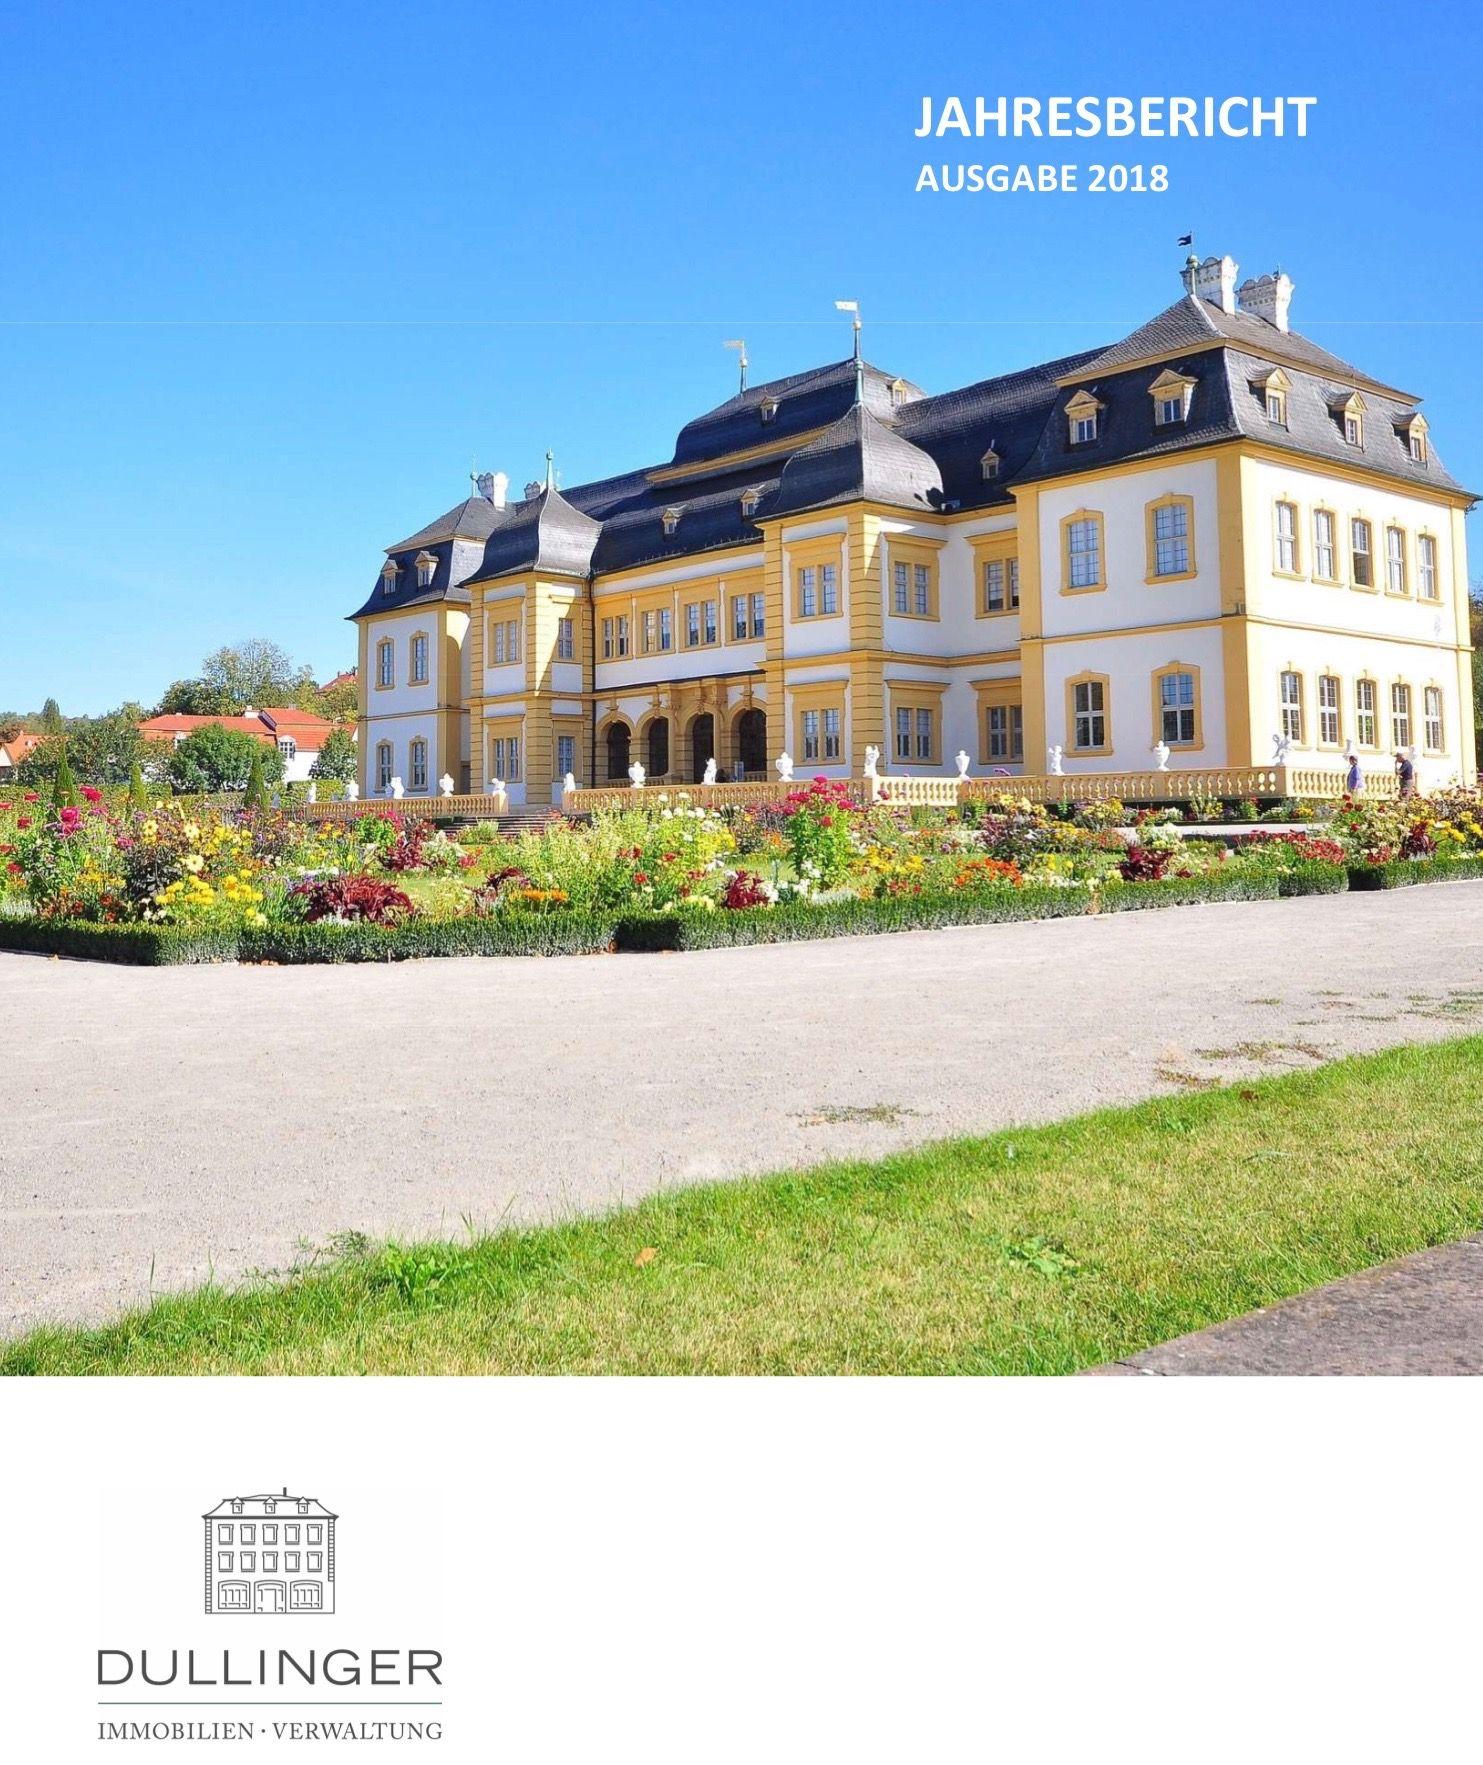 Dullinger Immobilien Verwaltung Jahresbericht 2018 unter